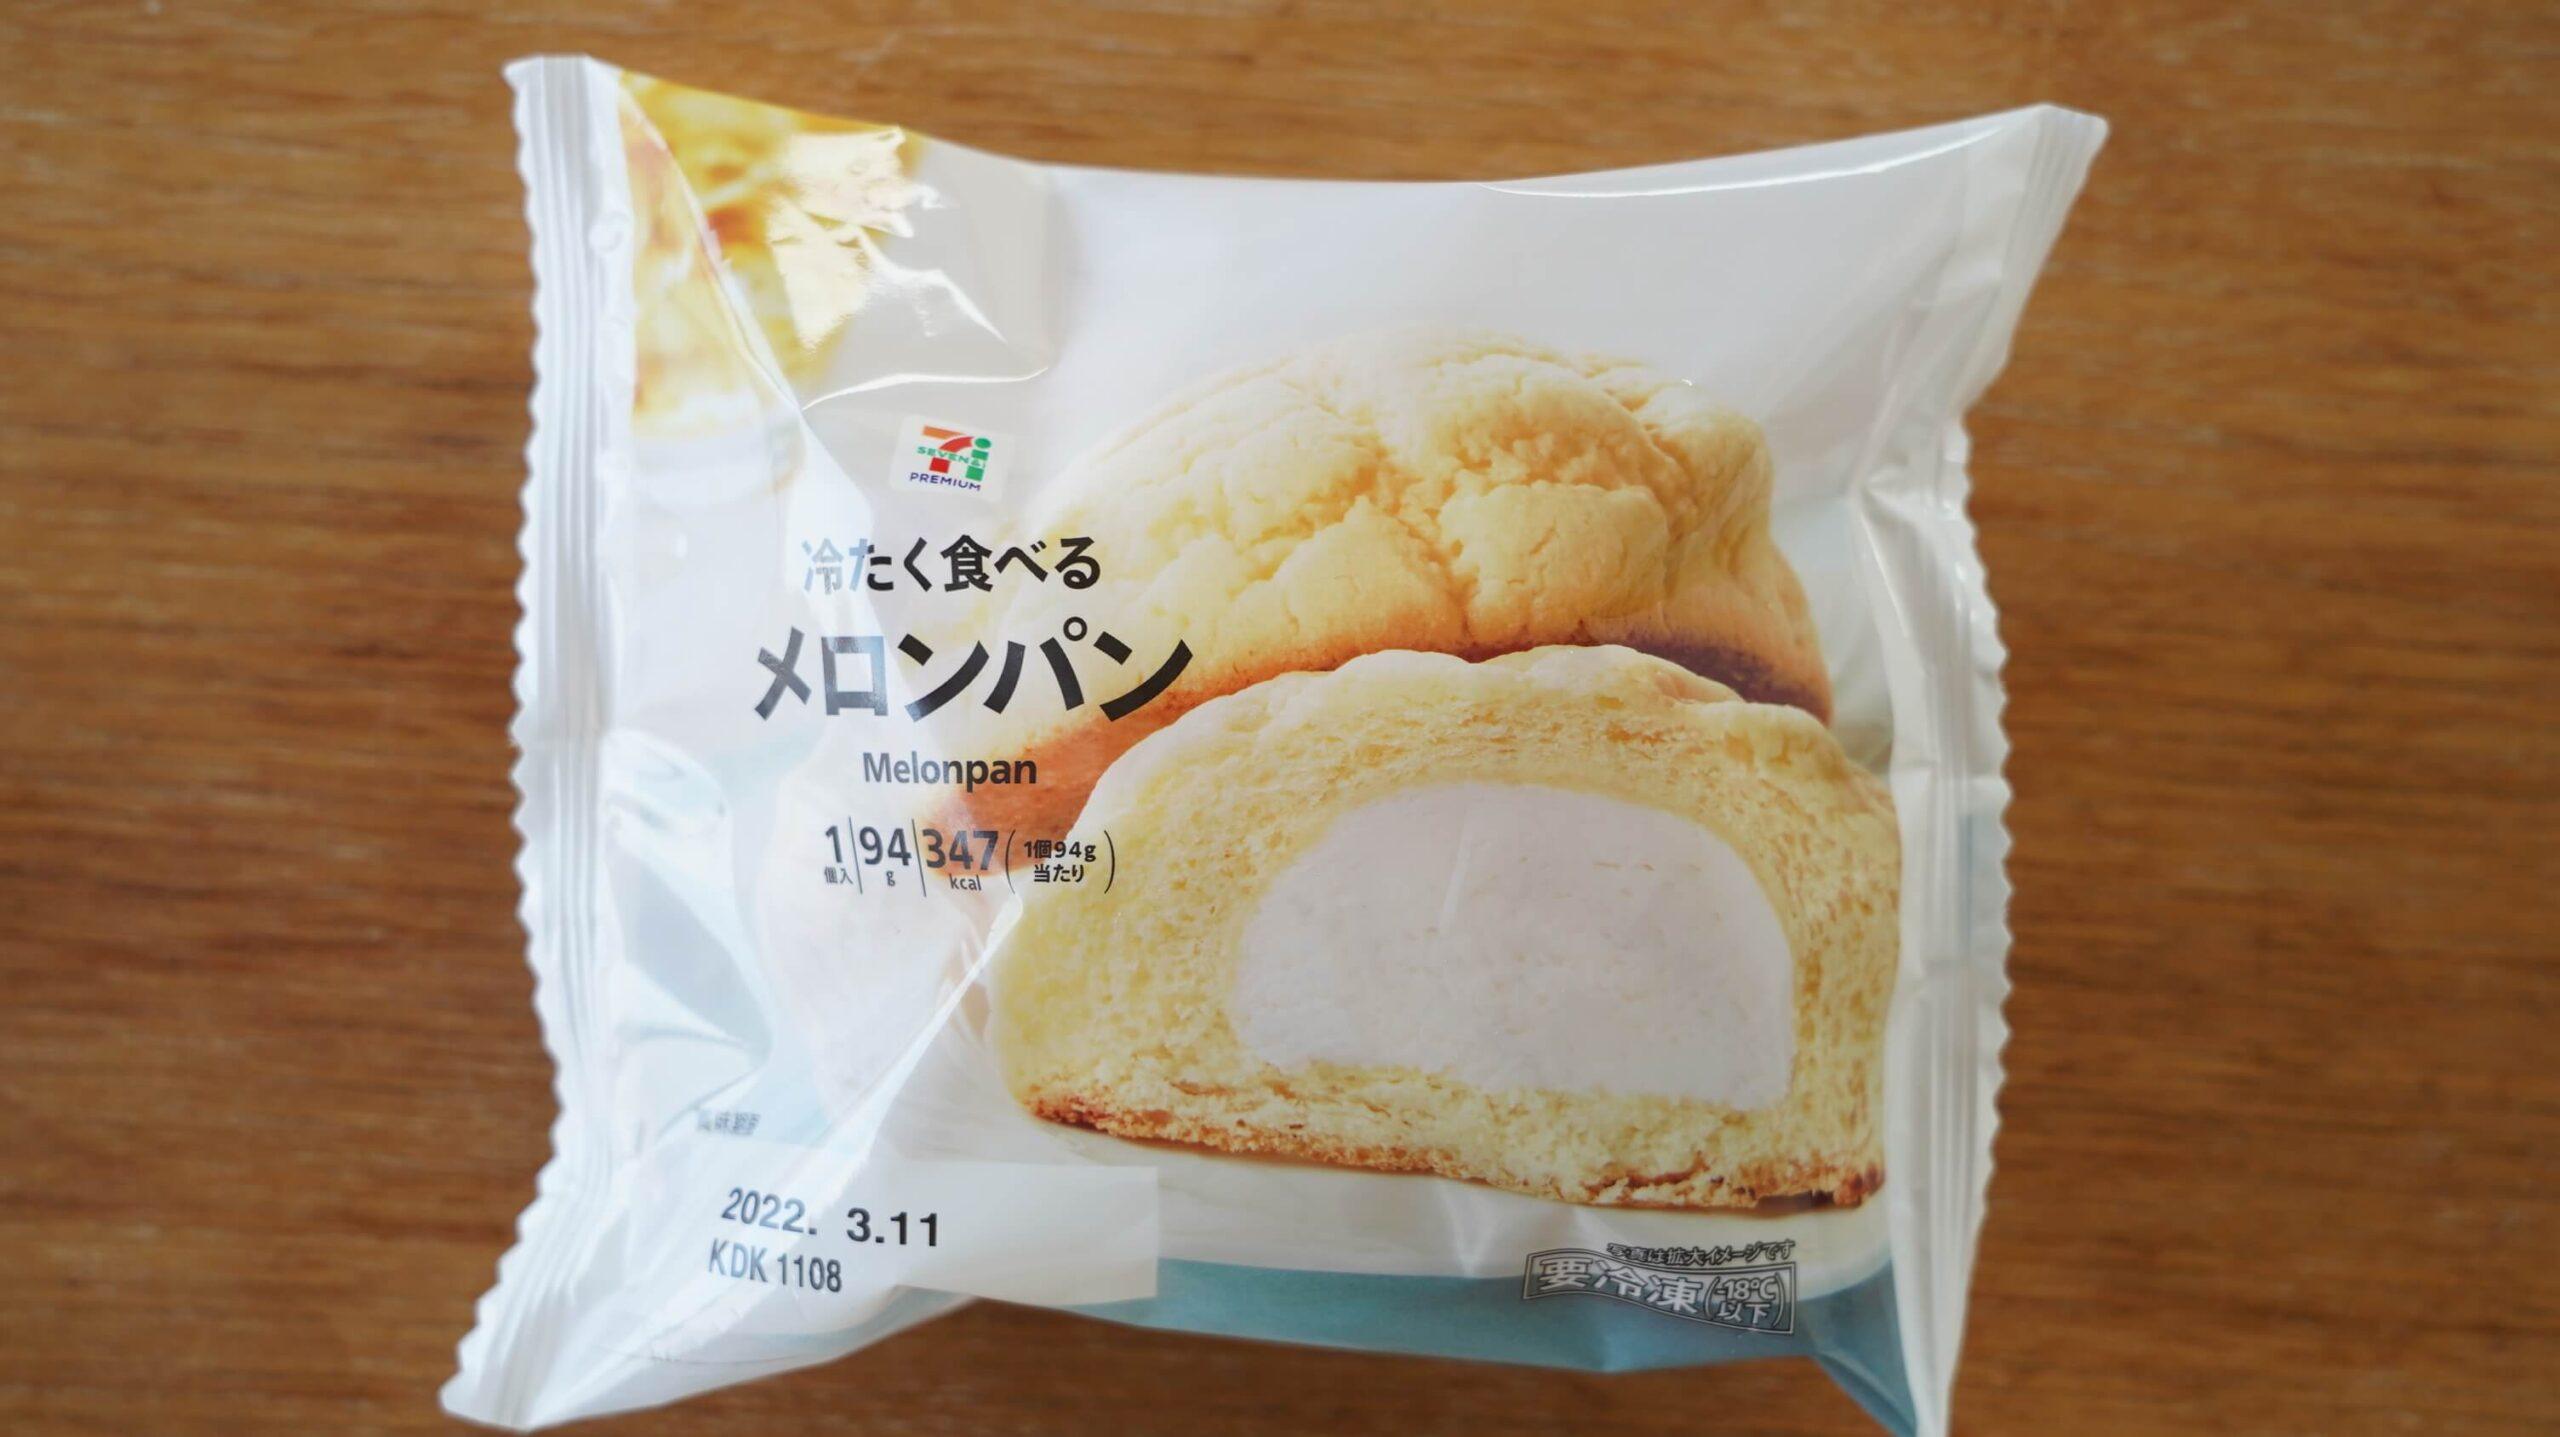 セブンイレブンの冷凍食品「冷たく食べるメロンパン」のパッケージ写真